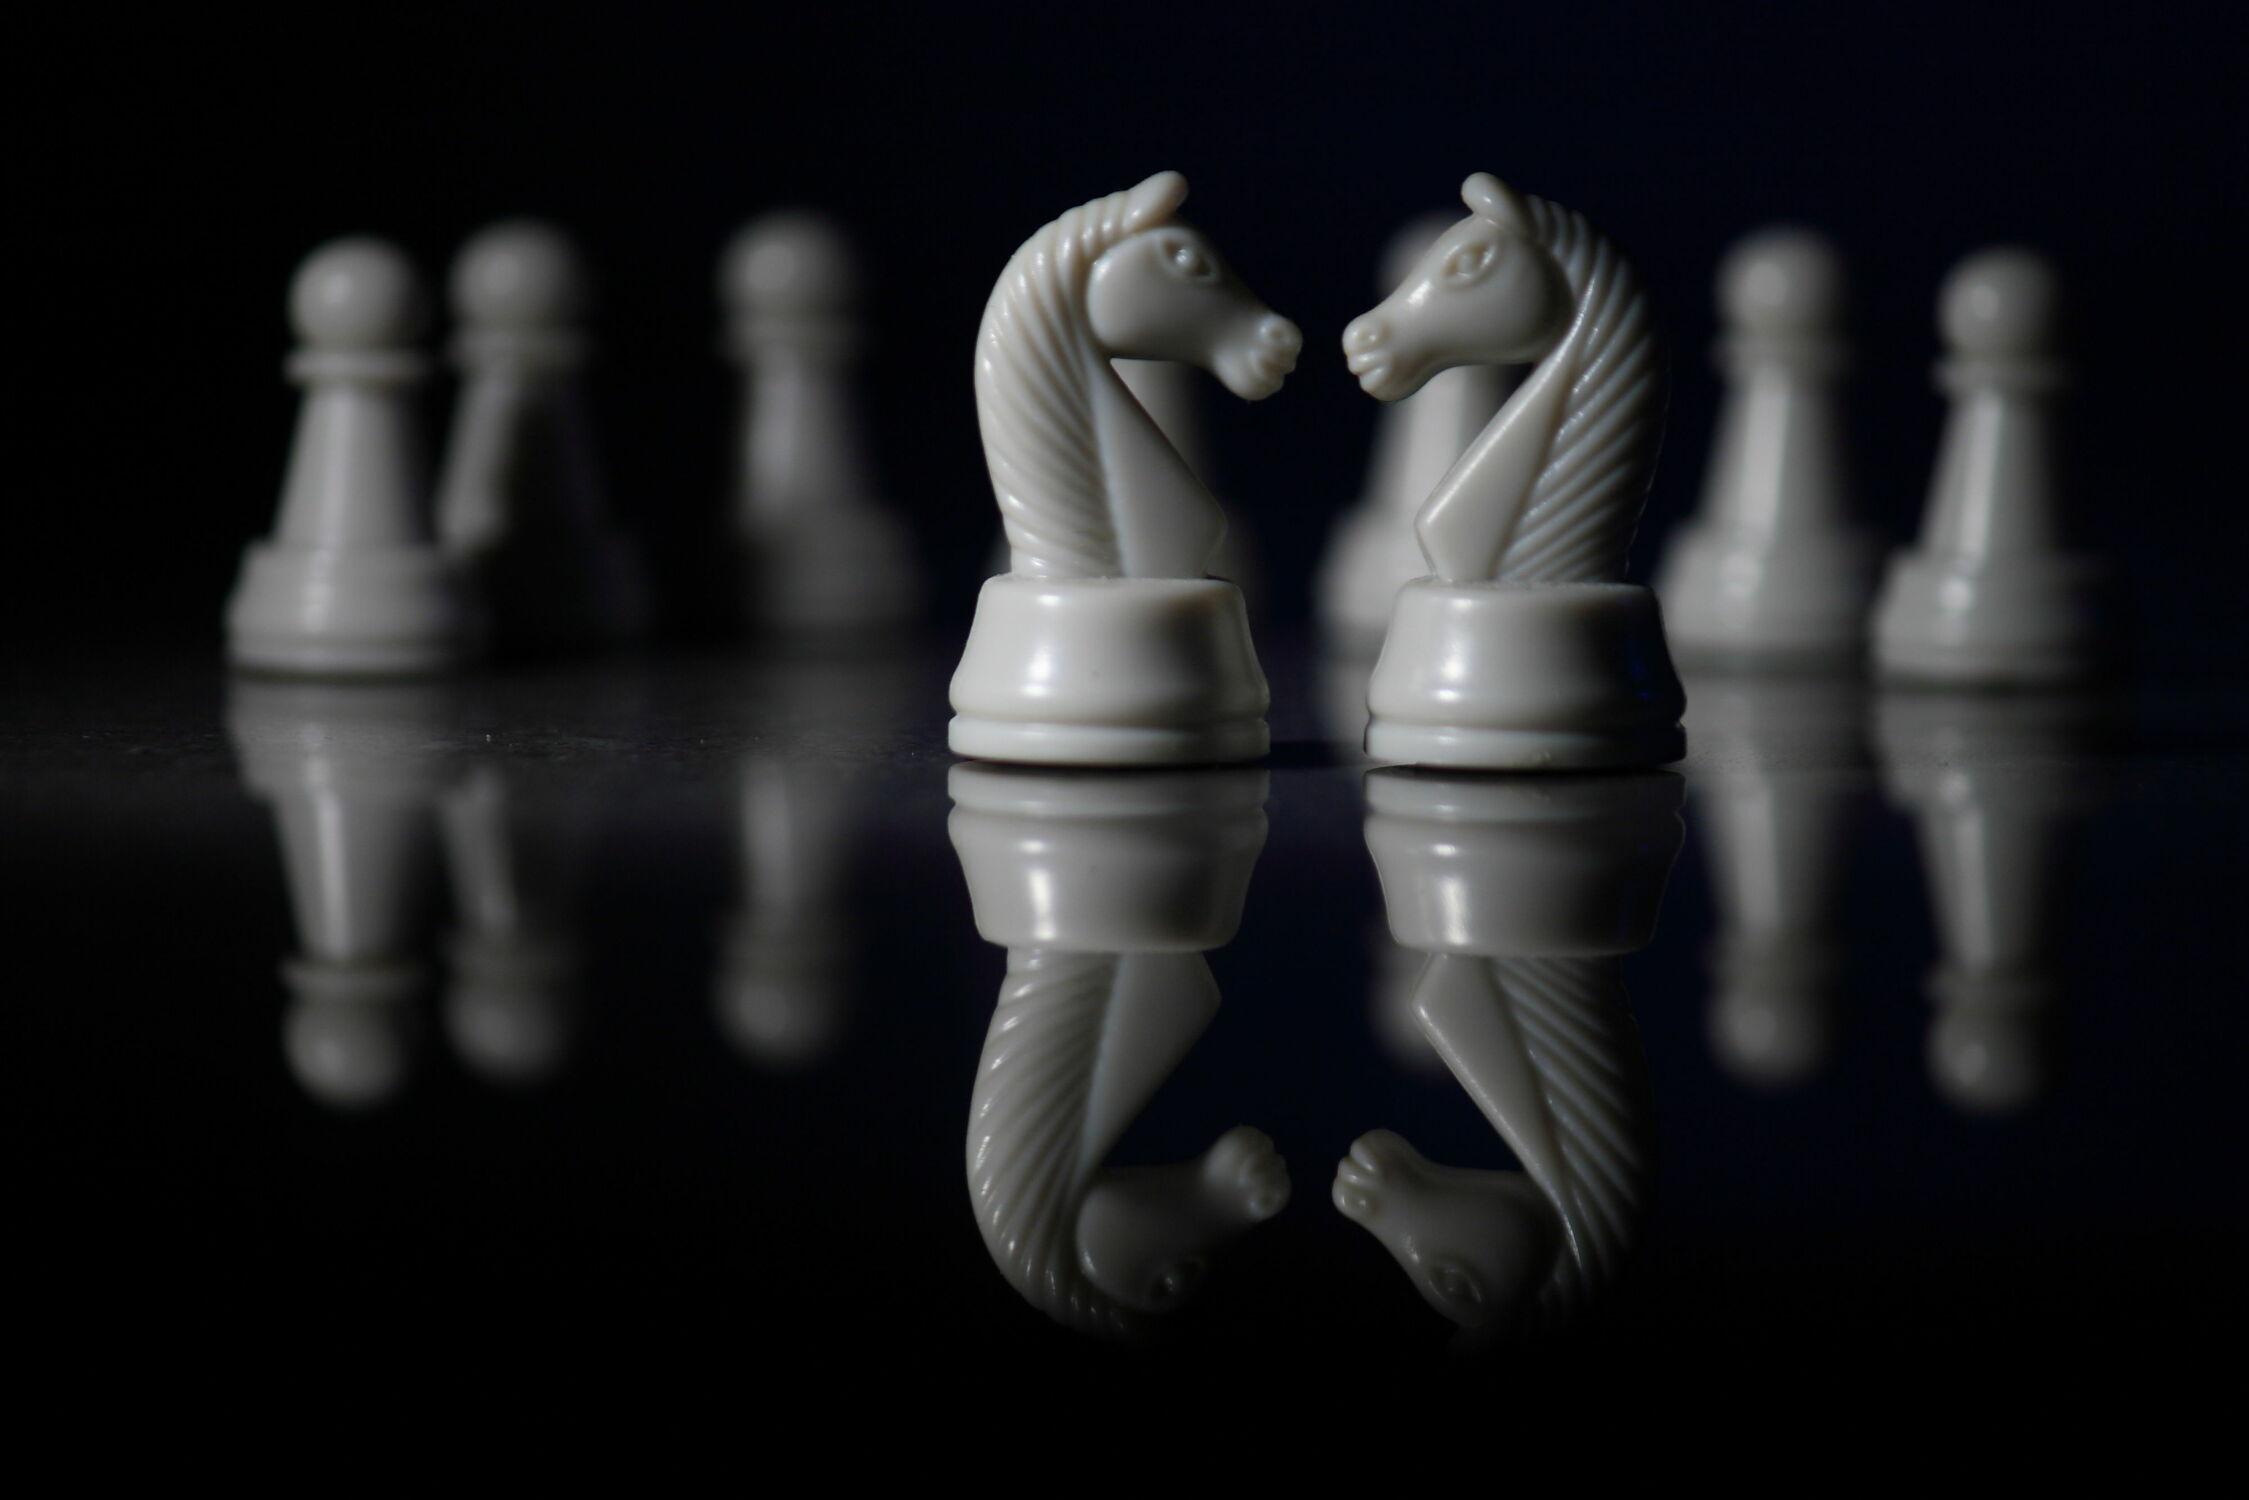 Bild mit Spiel, Experimente, schwarz weiß, SW, Schach